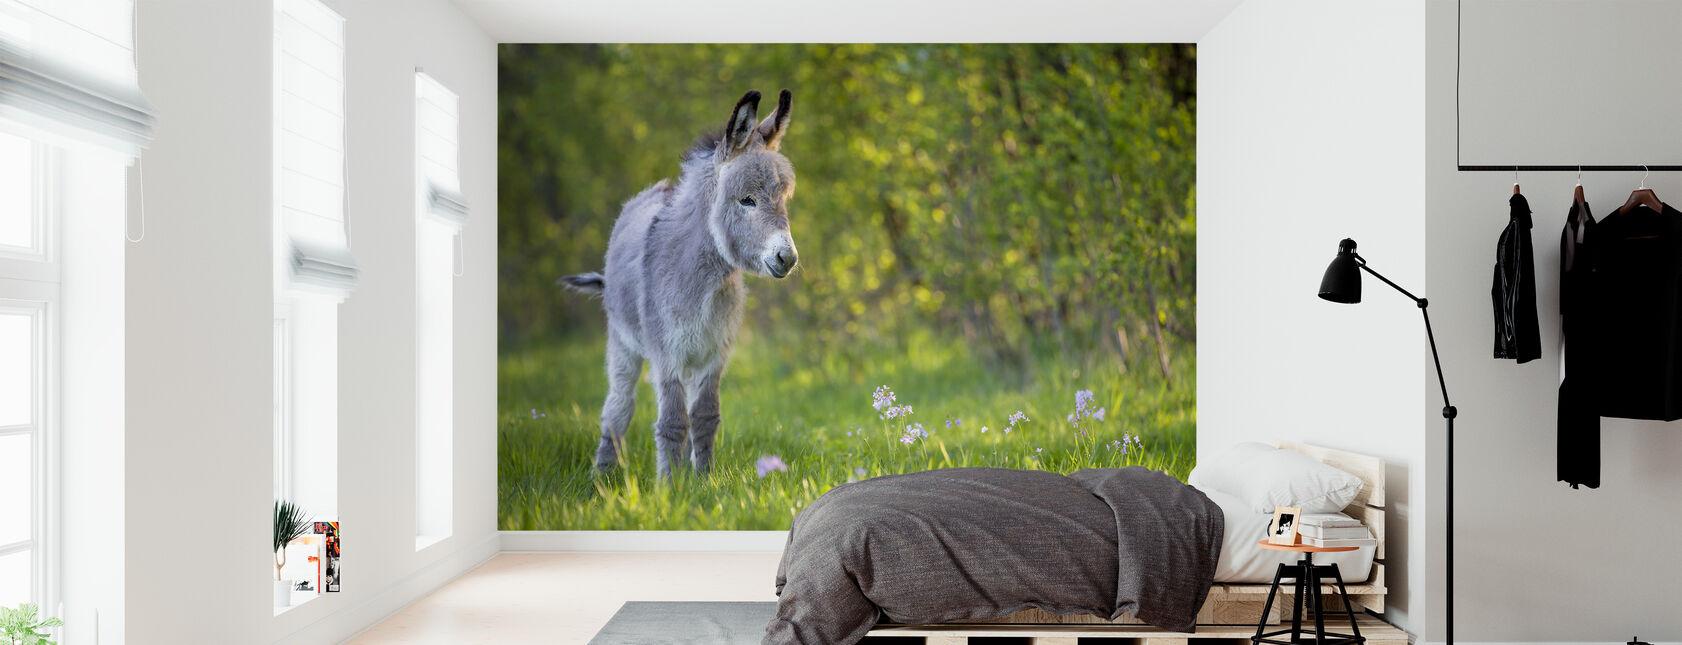 burro potro de pie en un prado - Papel pintado - Dormitorio